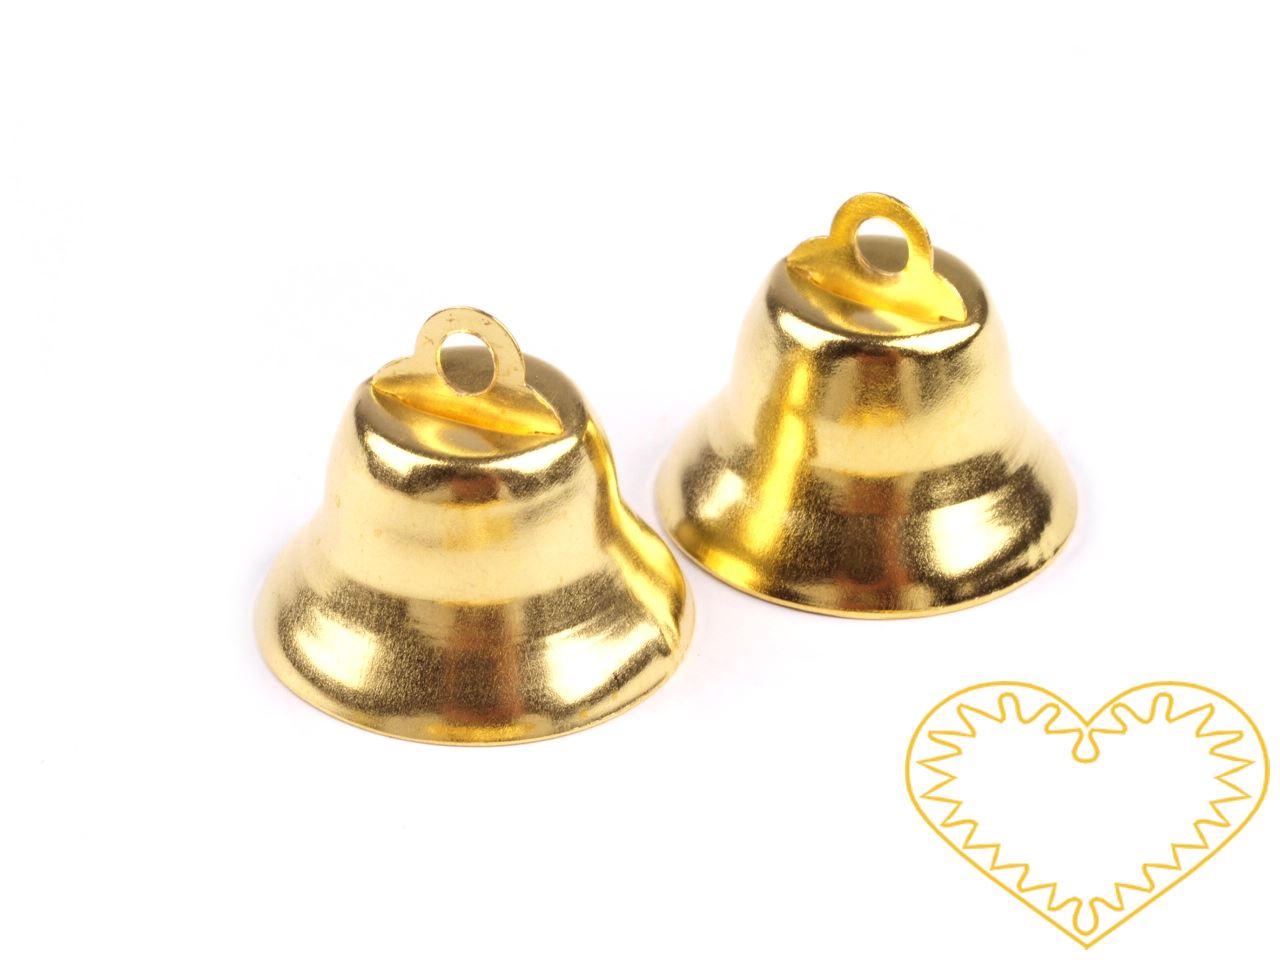 Zlatý kovový zvoneček 12 x 20 mm - 1 ks. Zvonečky mají srdce z plíšku, takže skutečně zvoní. Vhodné pro tvorbu dekorací a vánočních aranžmá.